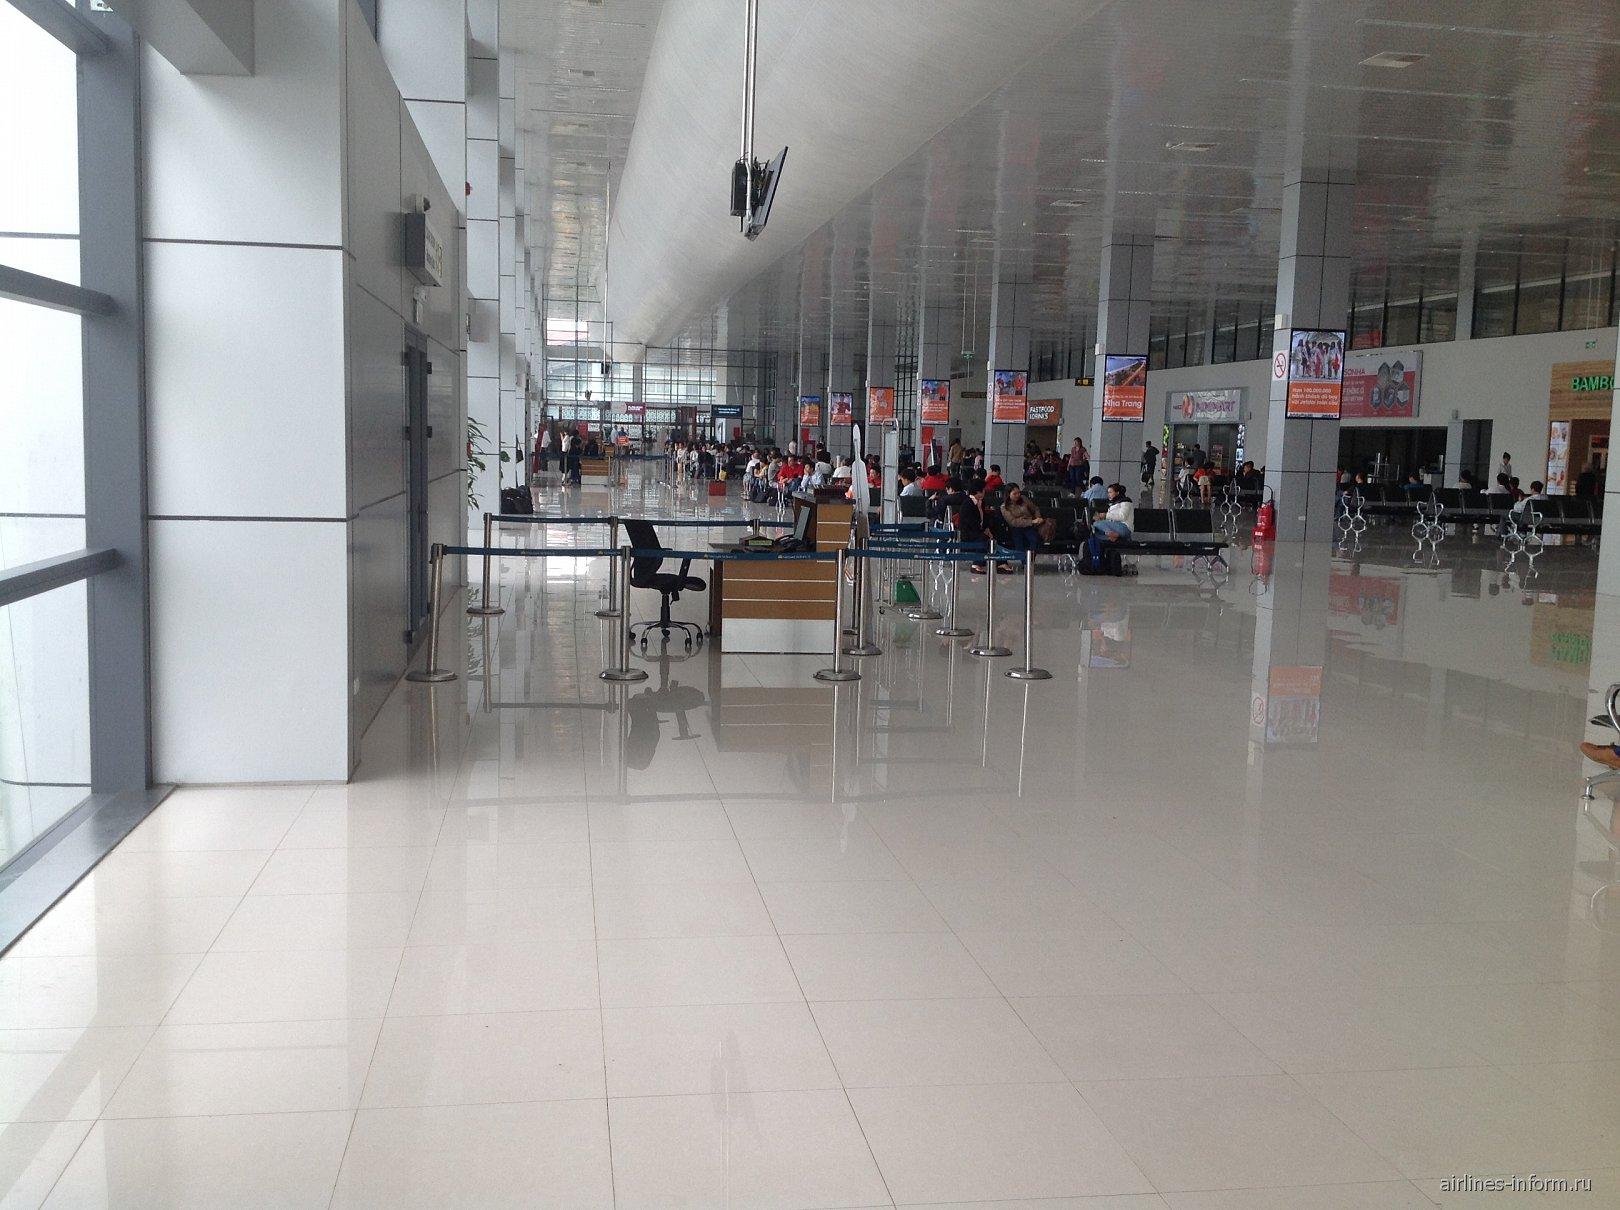 Зал ожидания в аэропорту Ханой Ной Бай